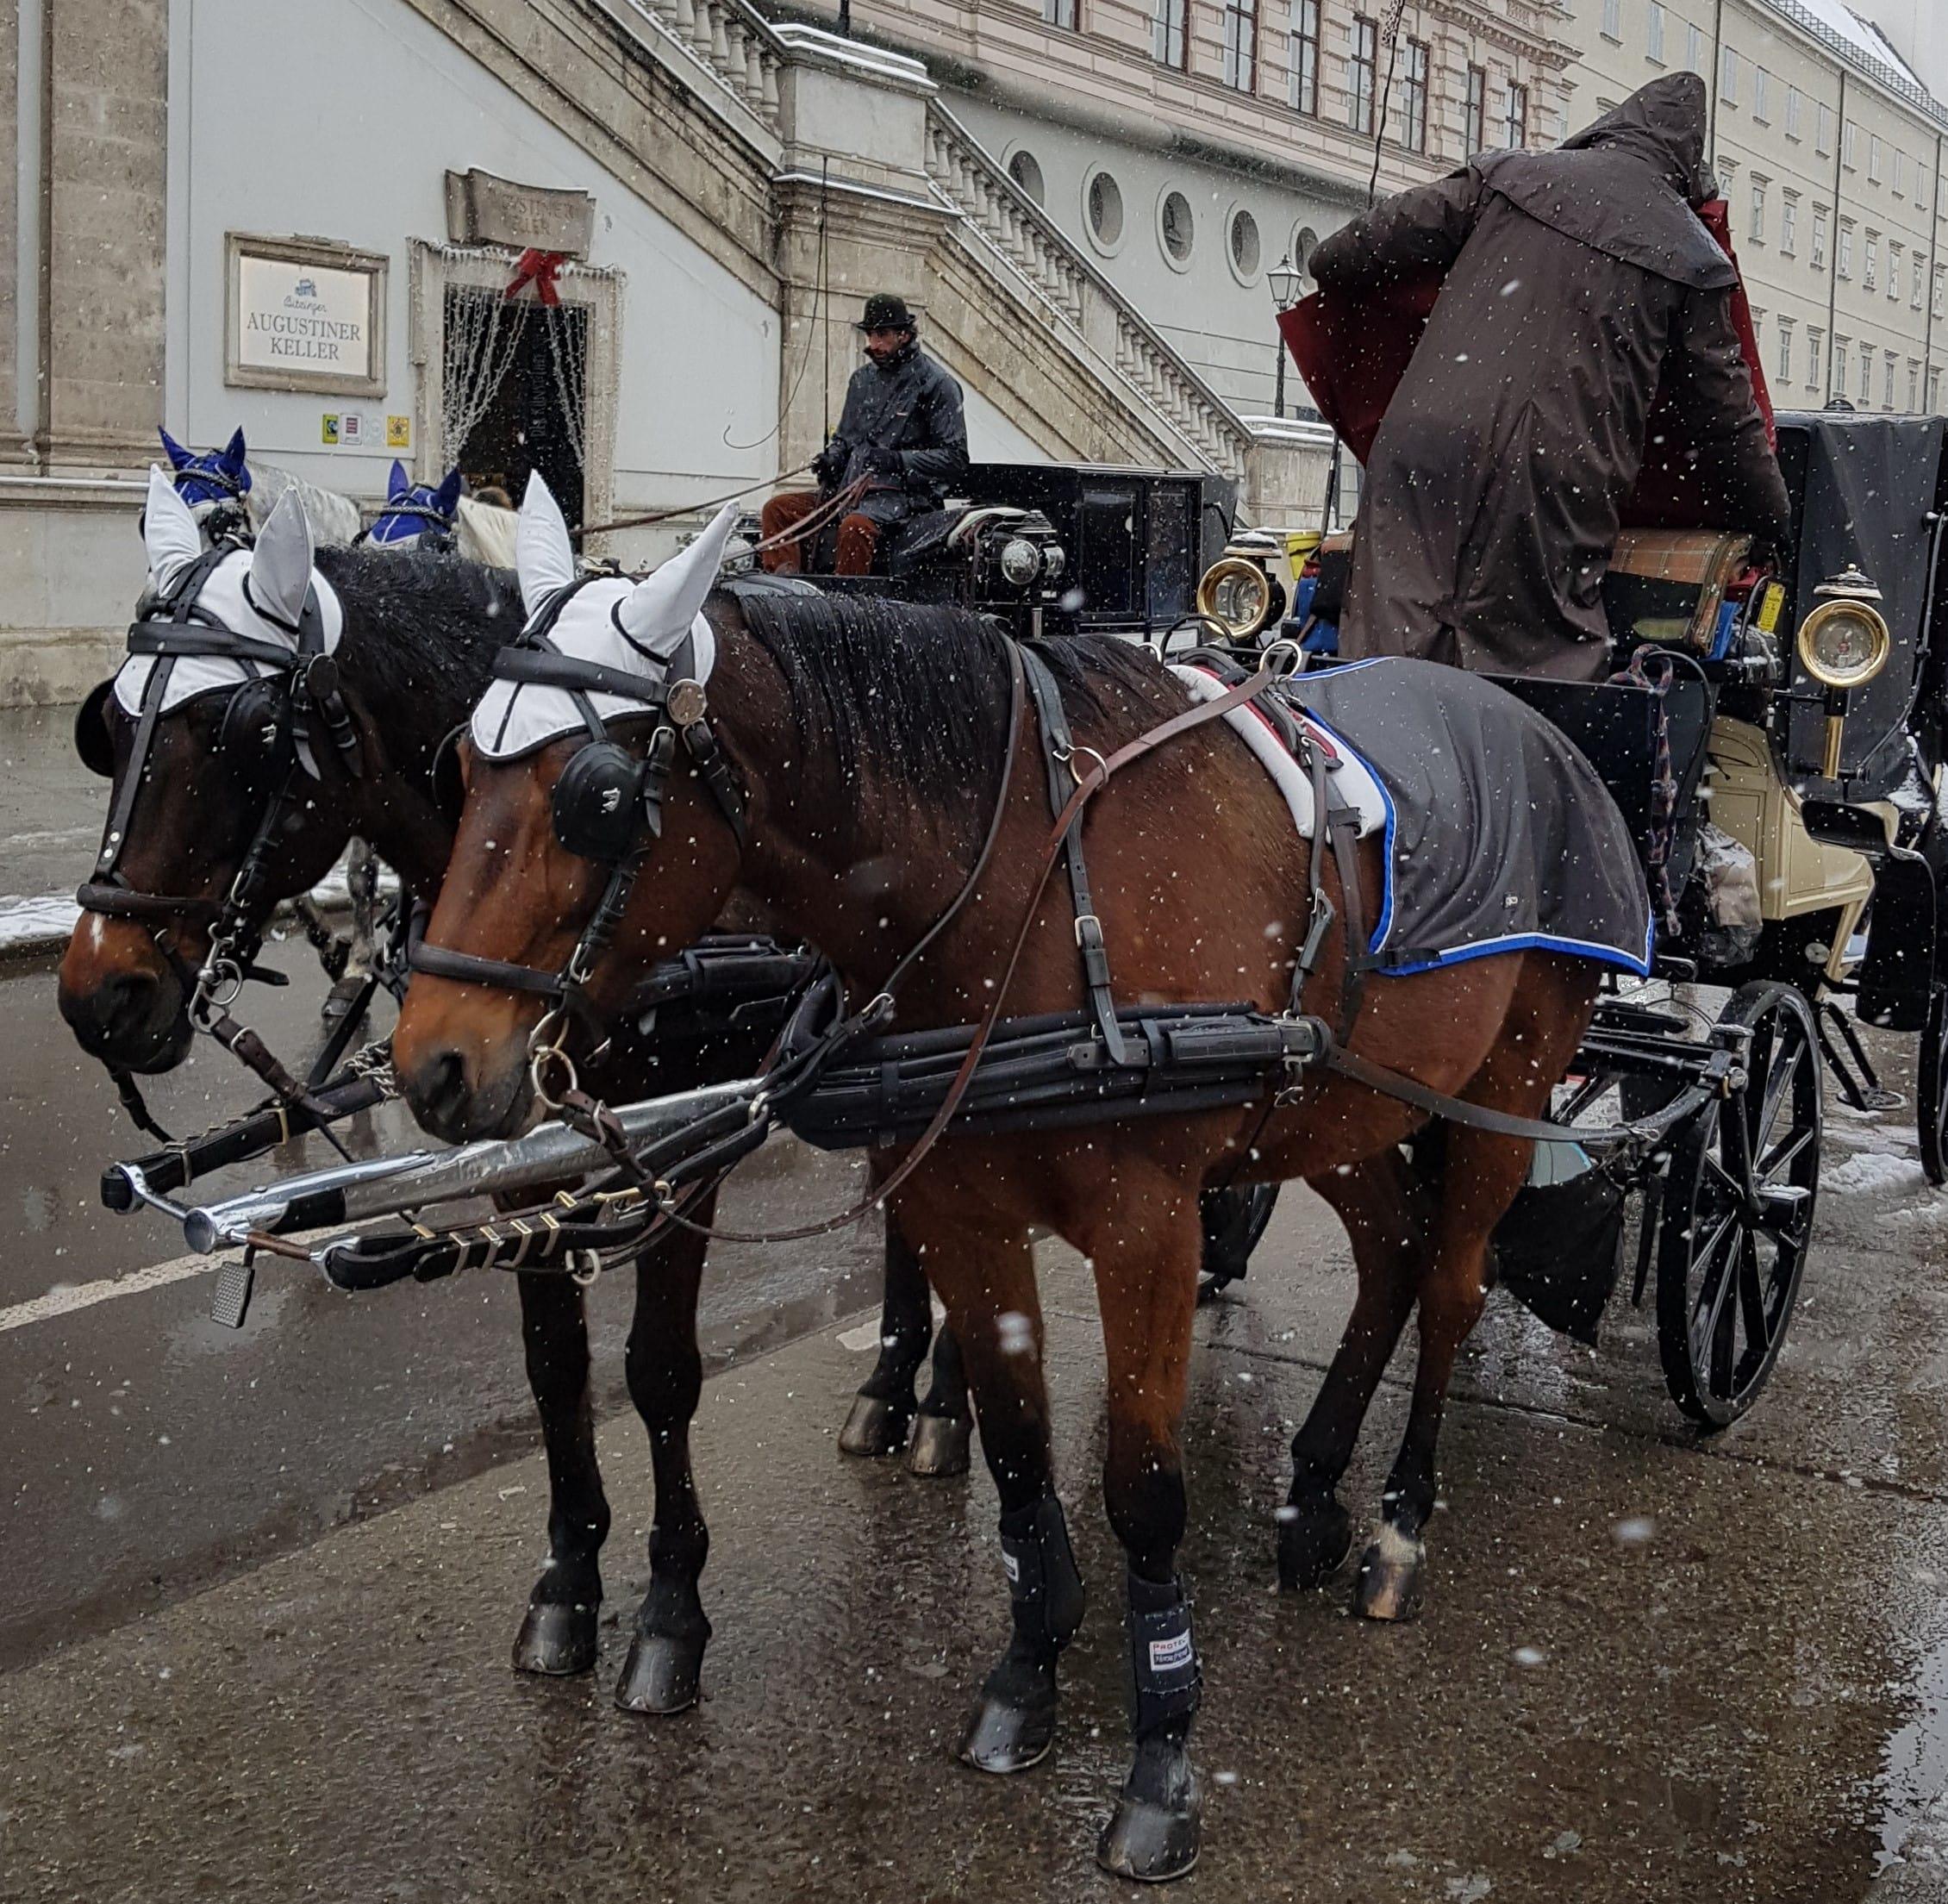 Coche de caballos y su conductor en Viena